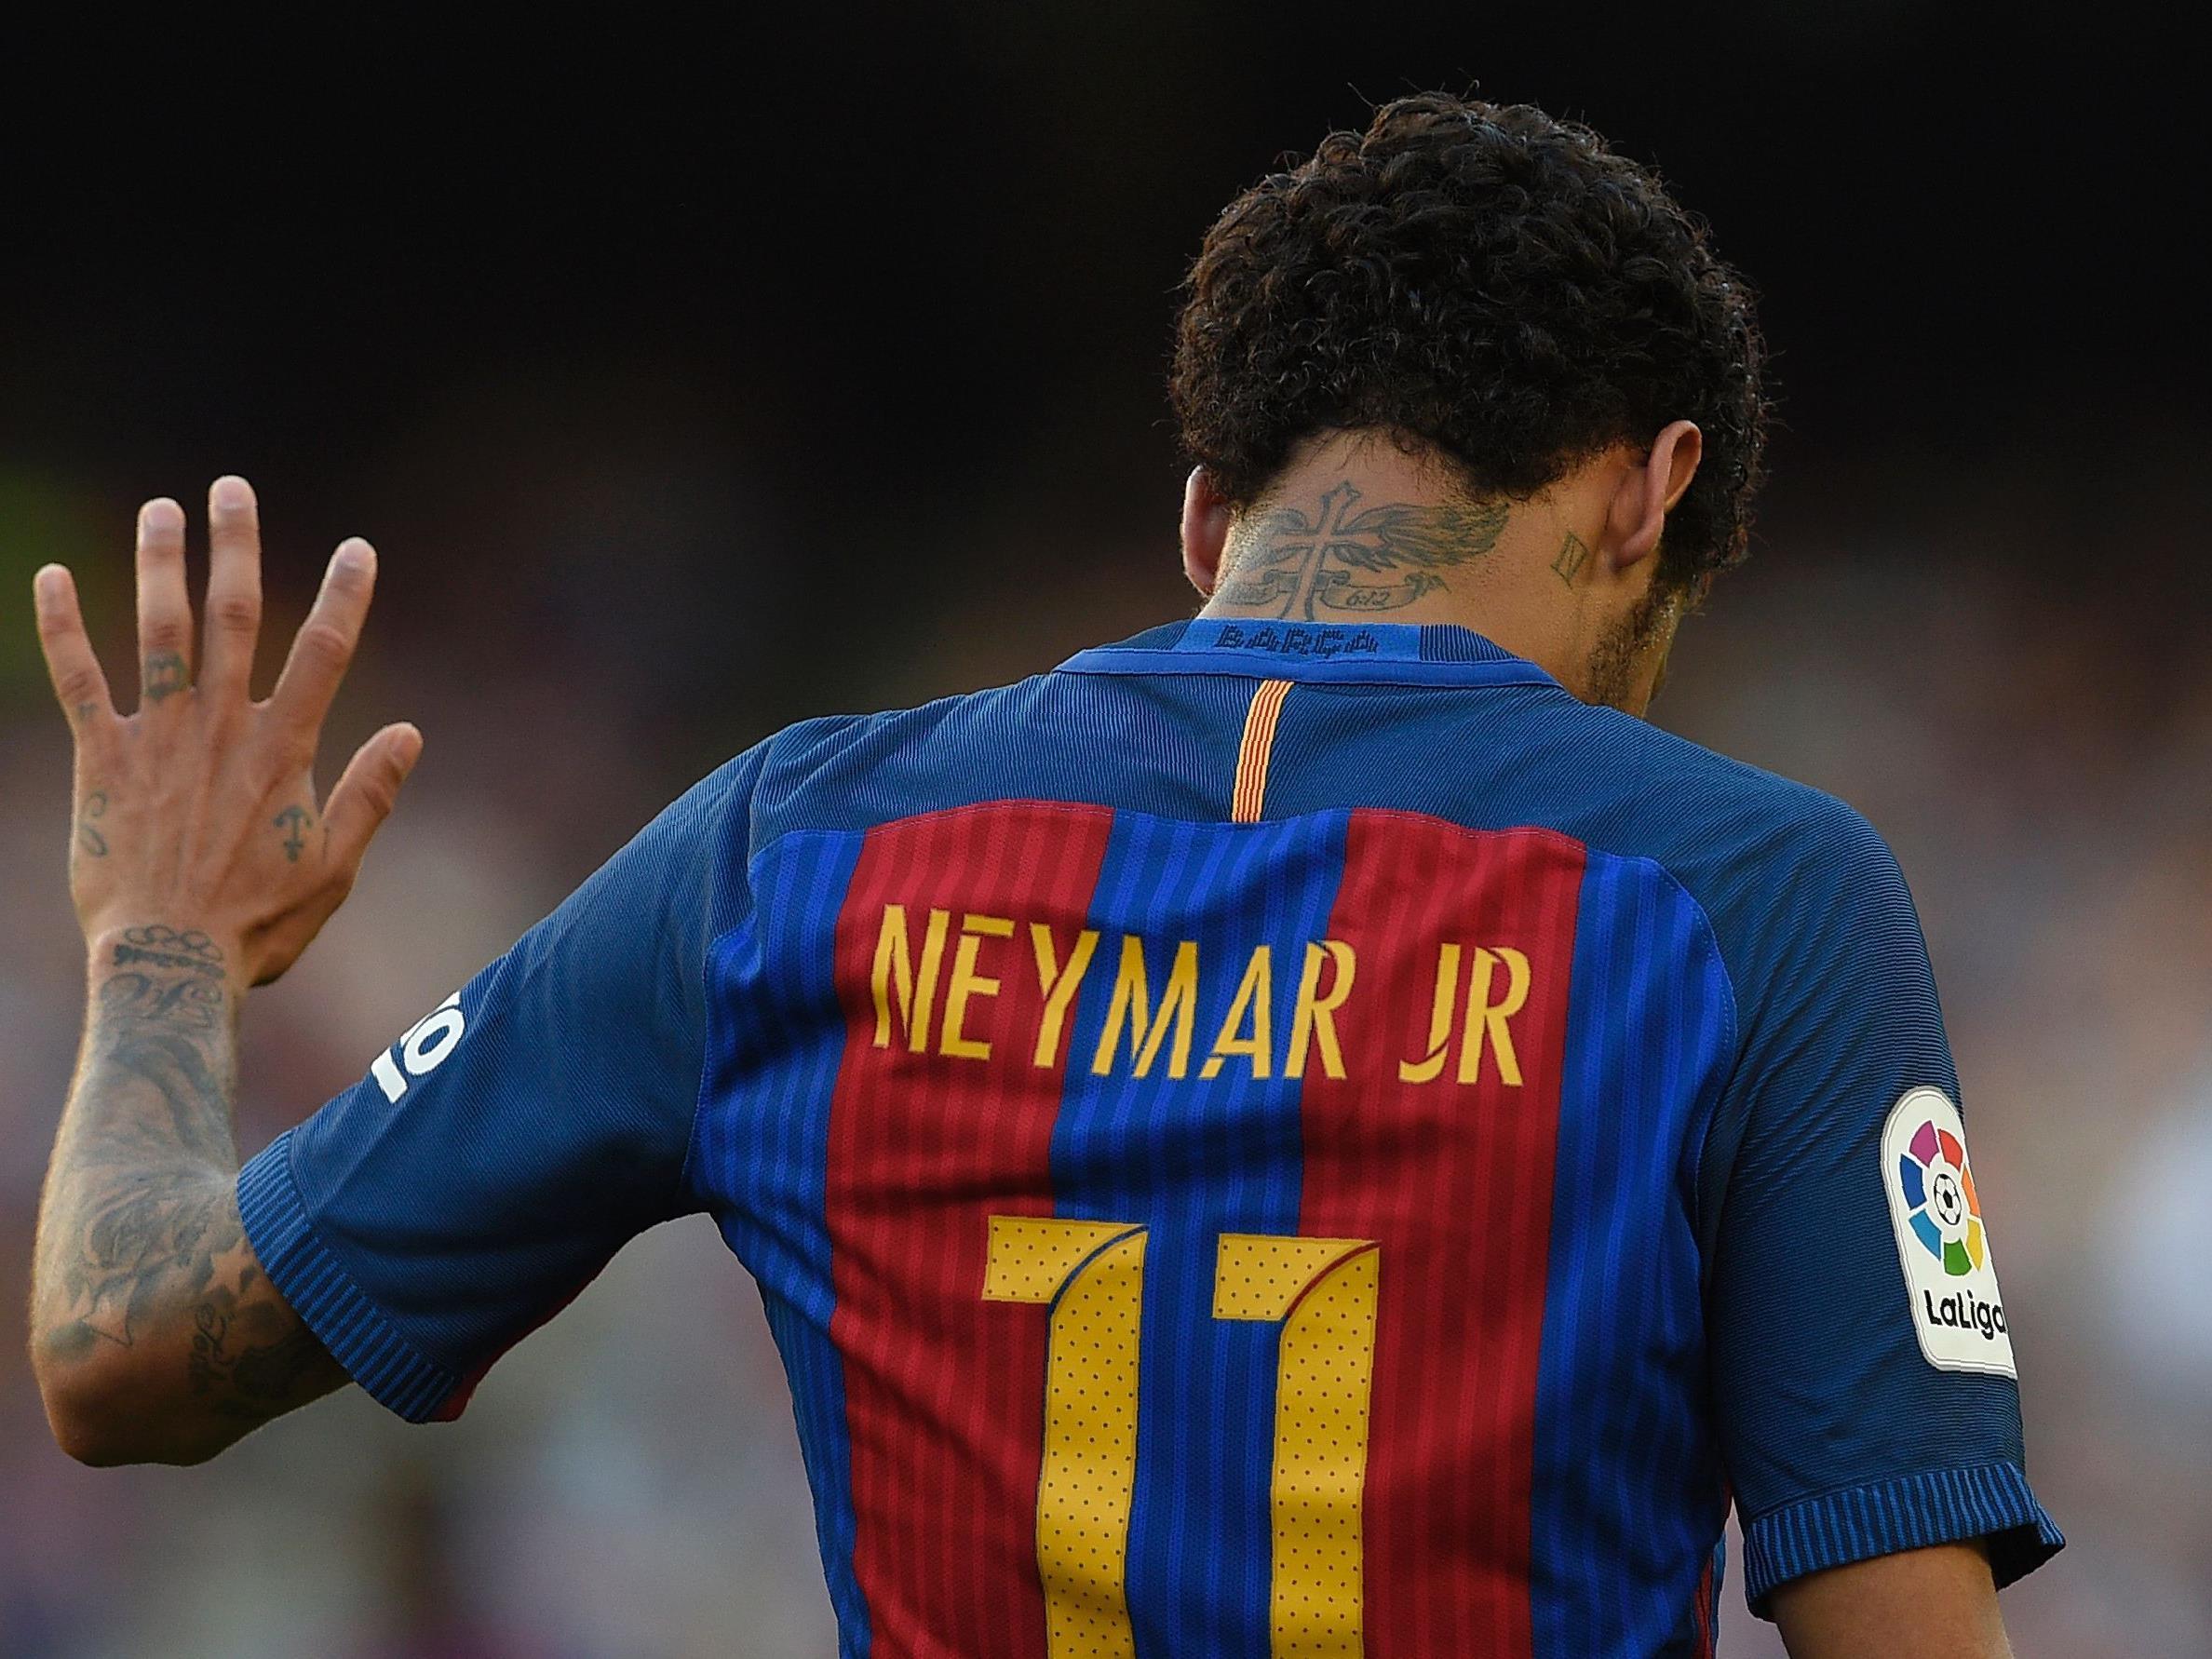 Neymar verabschiedet sich von Barca.